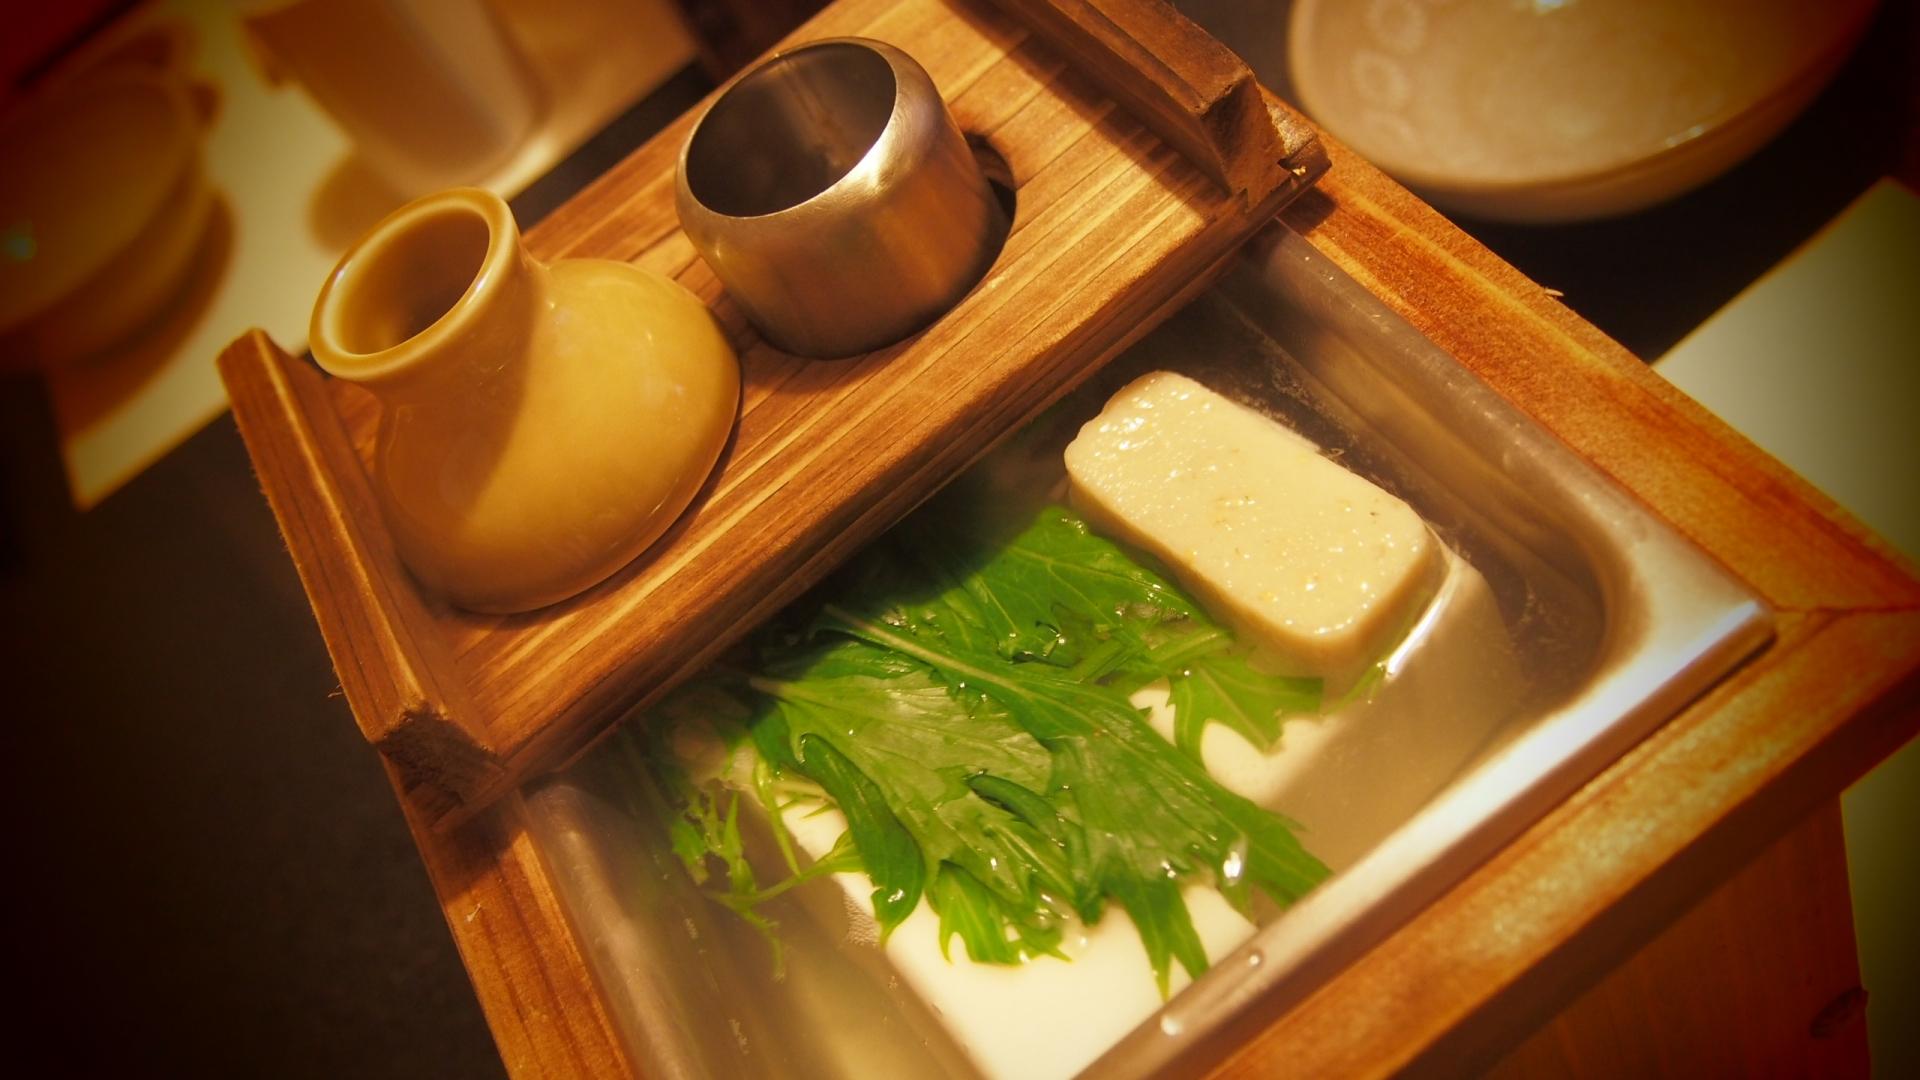 南禅寺の湯豆腐には木綿豆腐が使われている